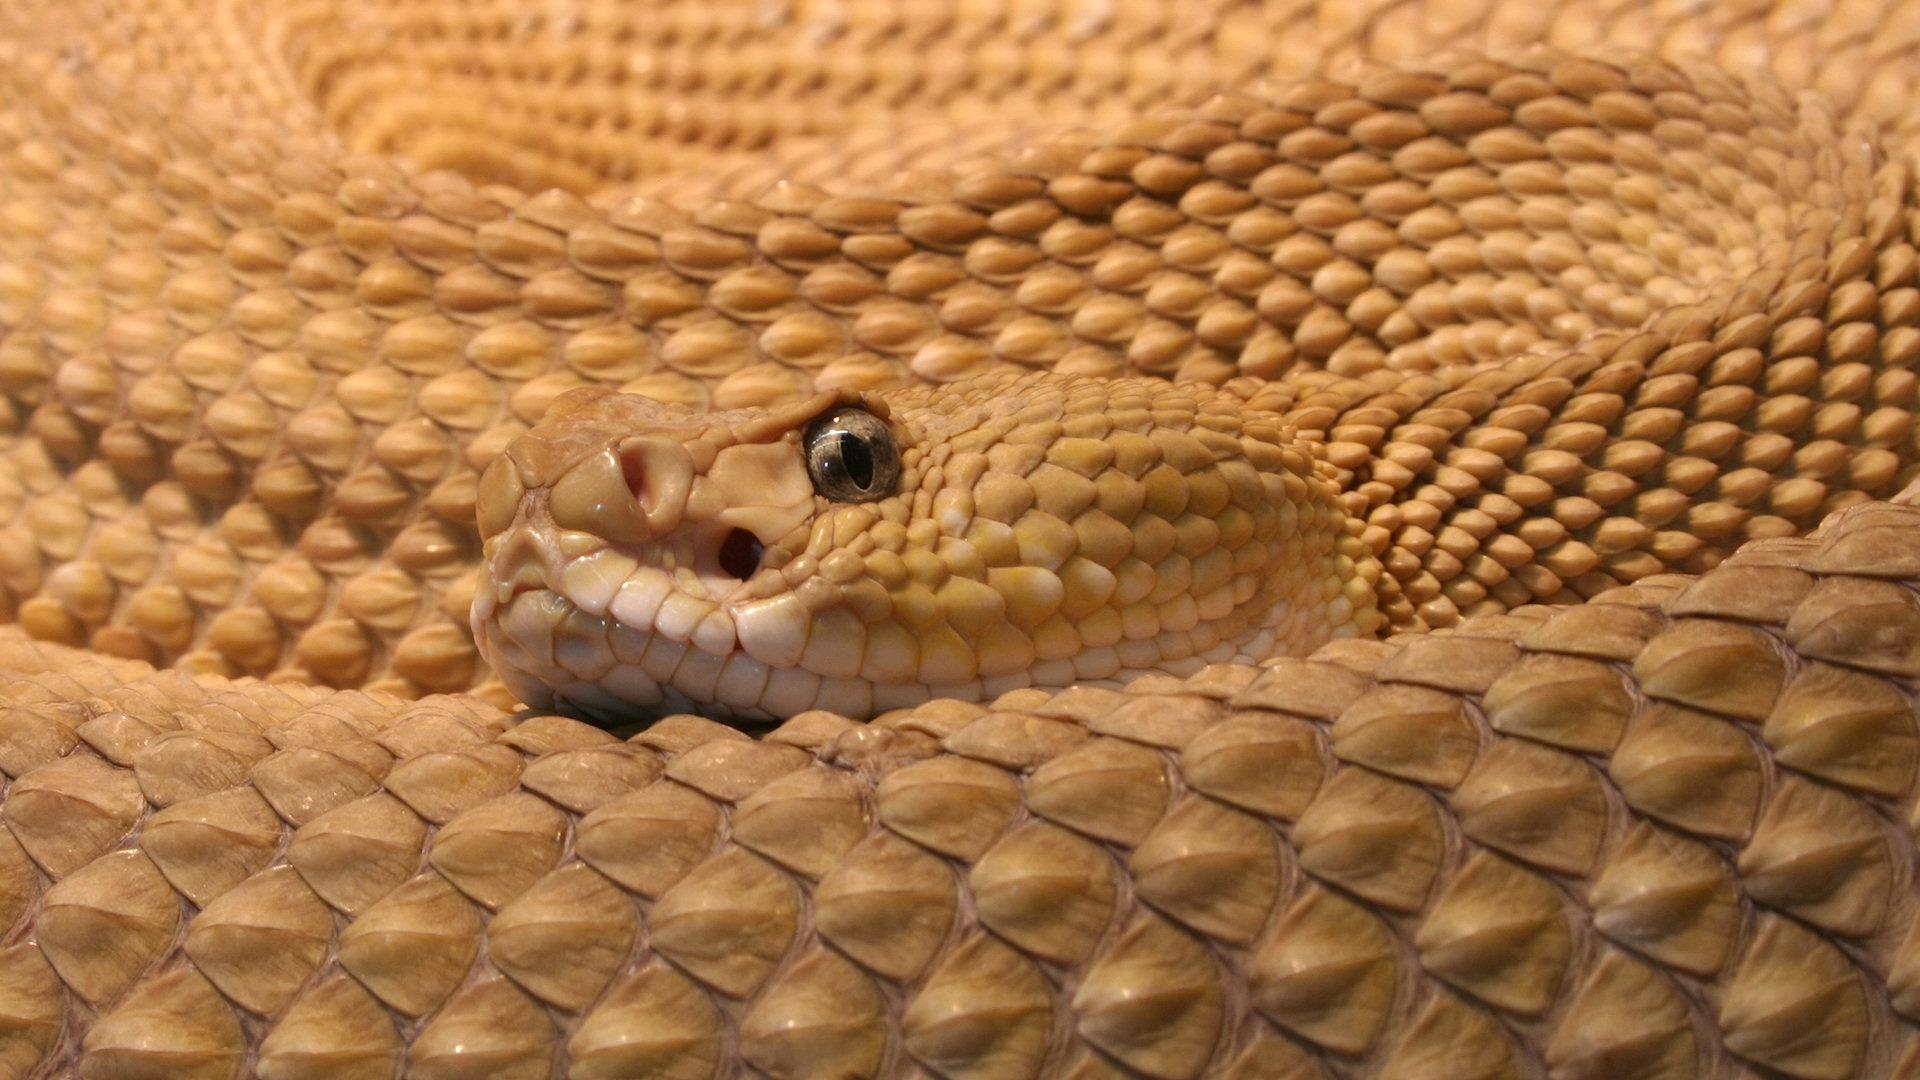 rattlesnake wallpaper 1080p